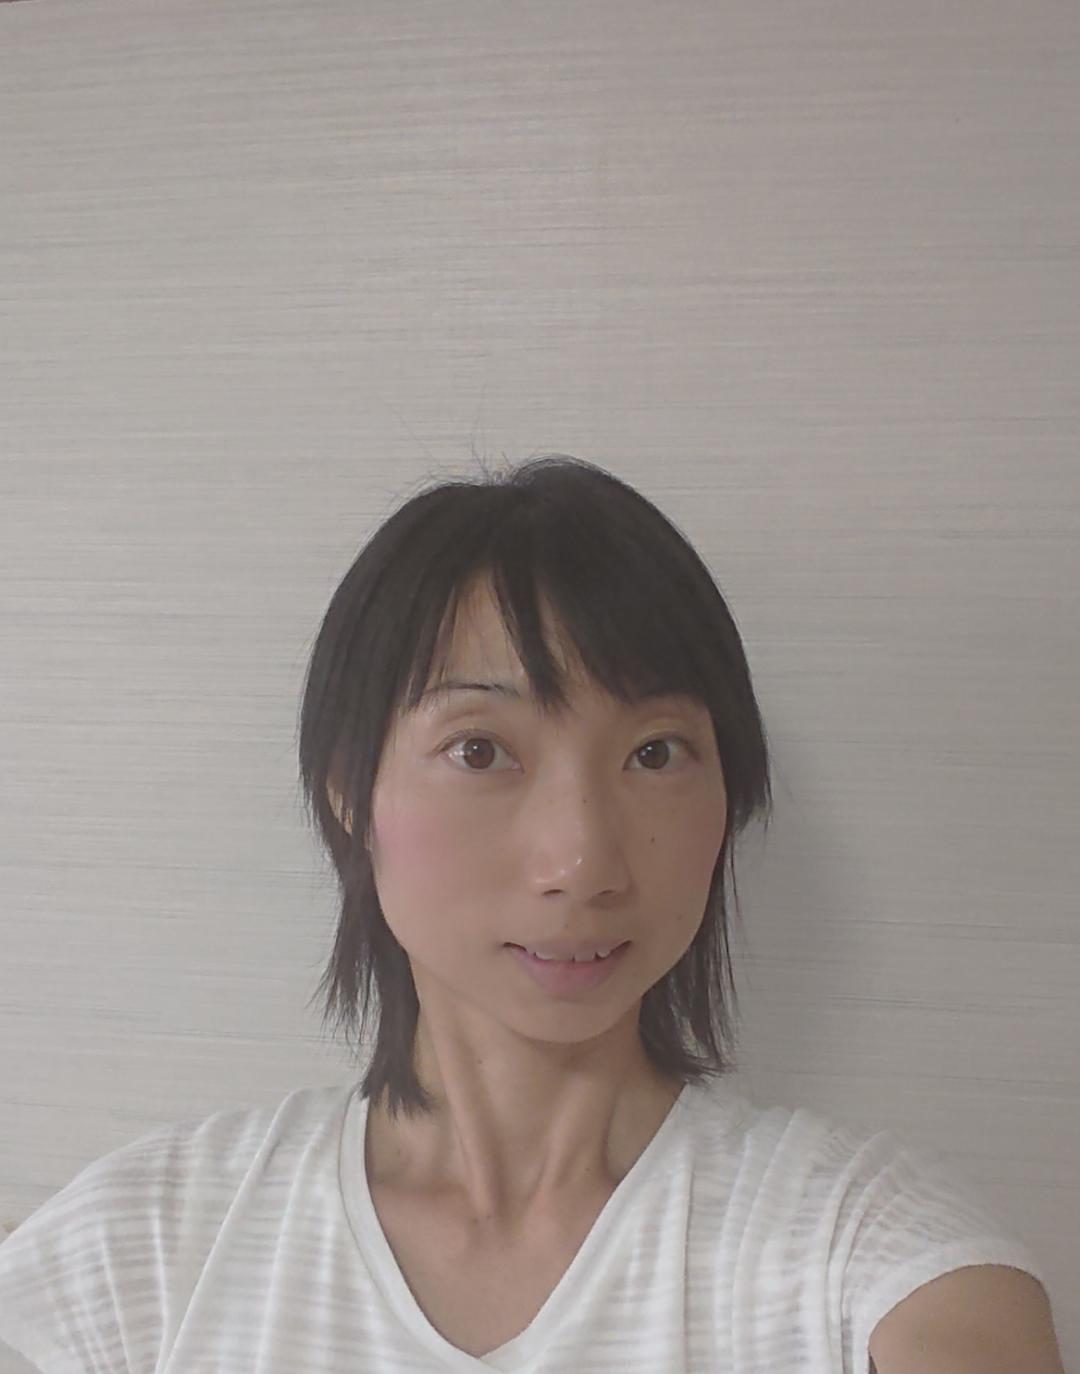 カップケーキソムリエ講座の口コミ評判